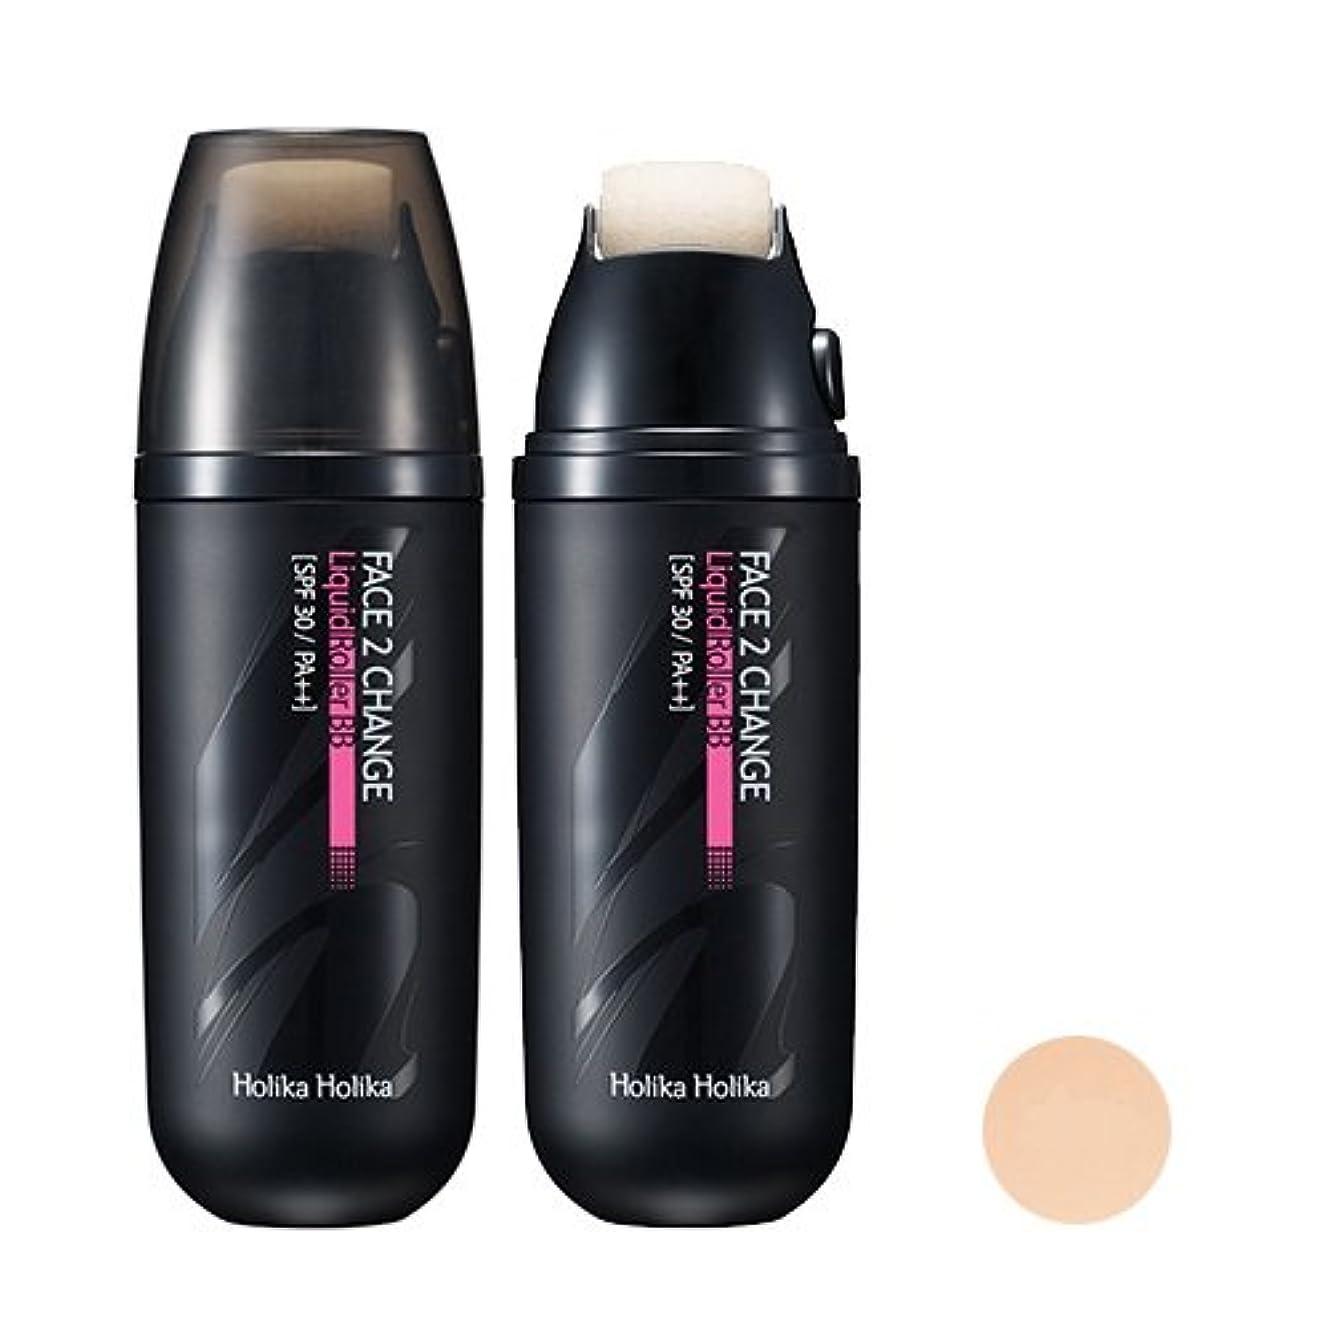 評価する社説去る[Holika Holika/ホリカホリカ] フェイス 2チェンジ リキッドローラーBB クリーム (SPF30 PA++) 2タイプ?韓国コスメ/ Face 2 Change Liquid Roller BB Cream...